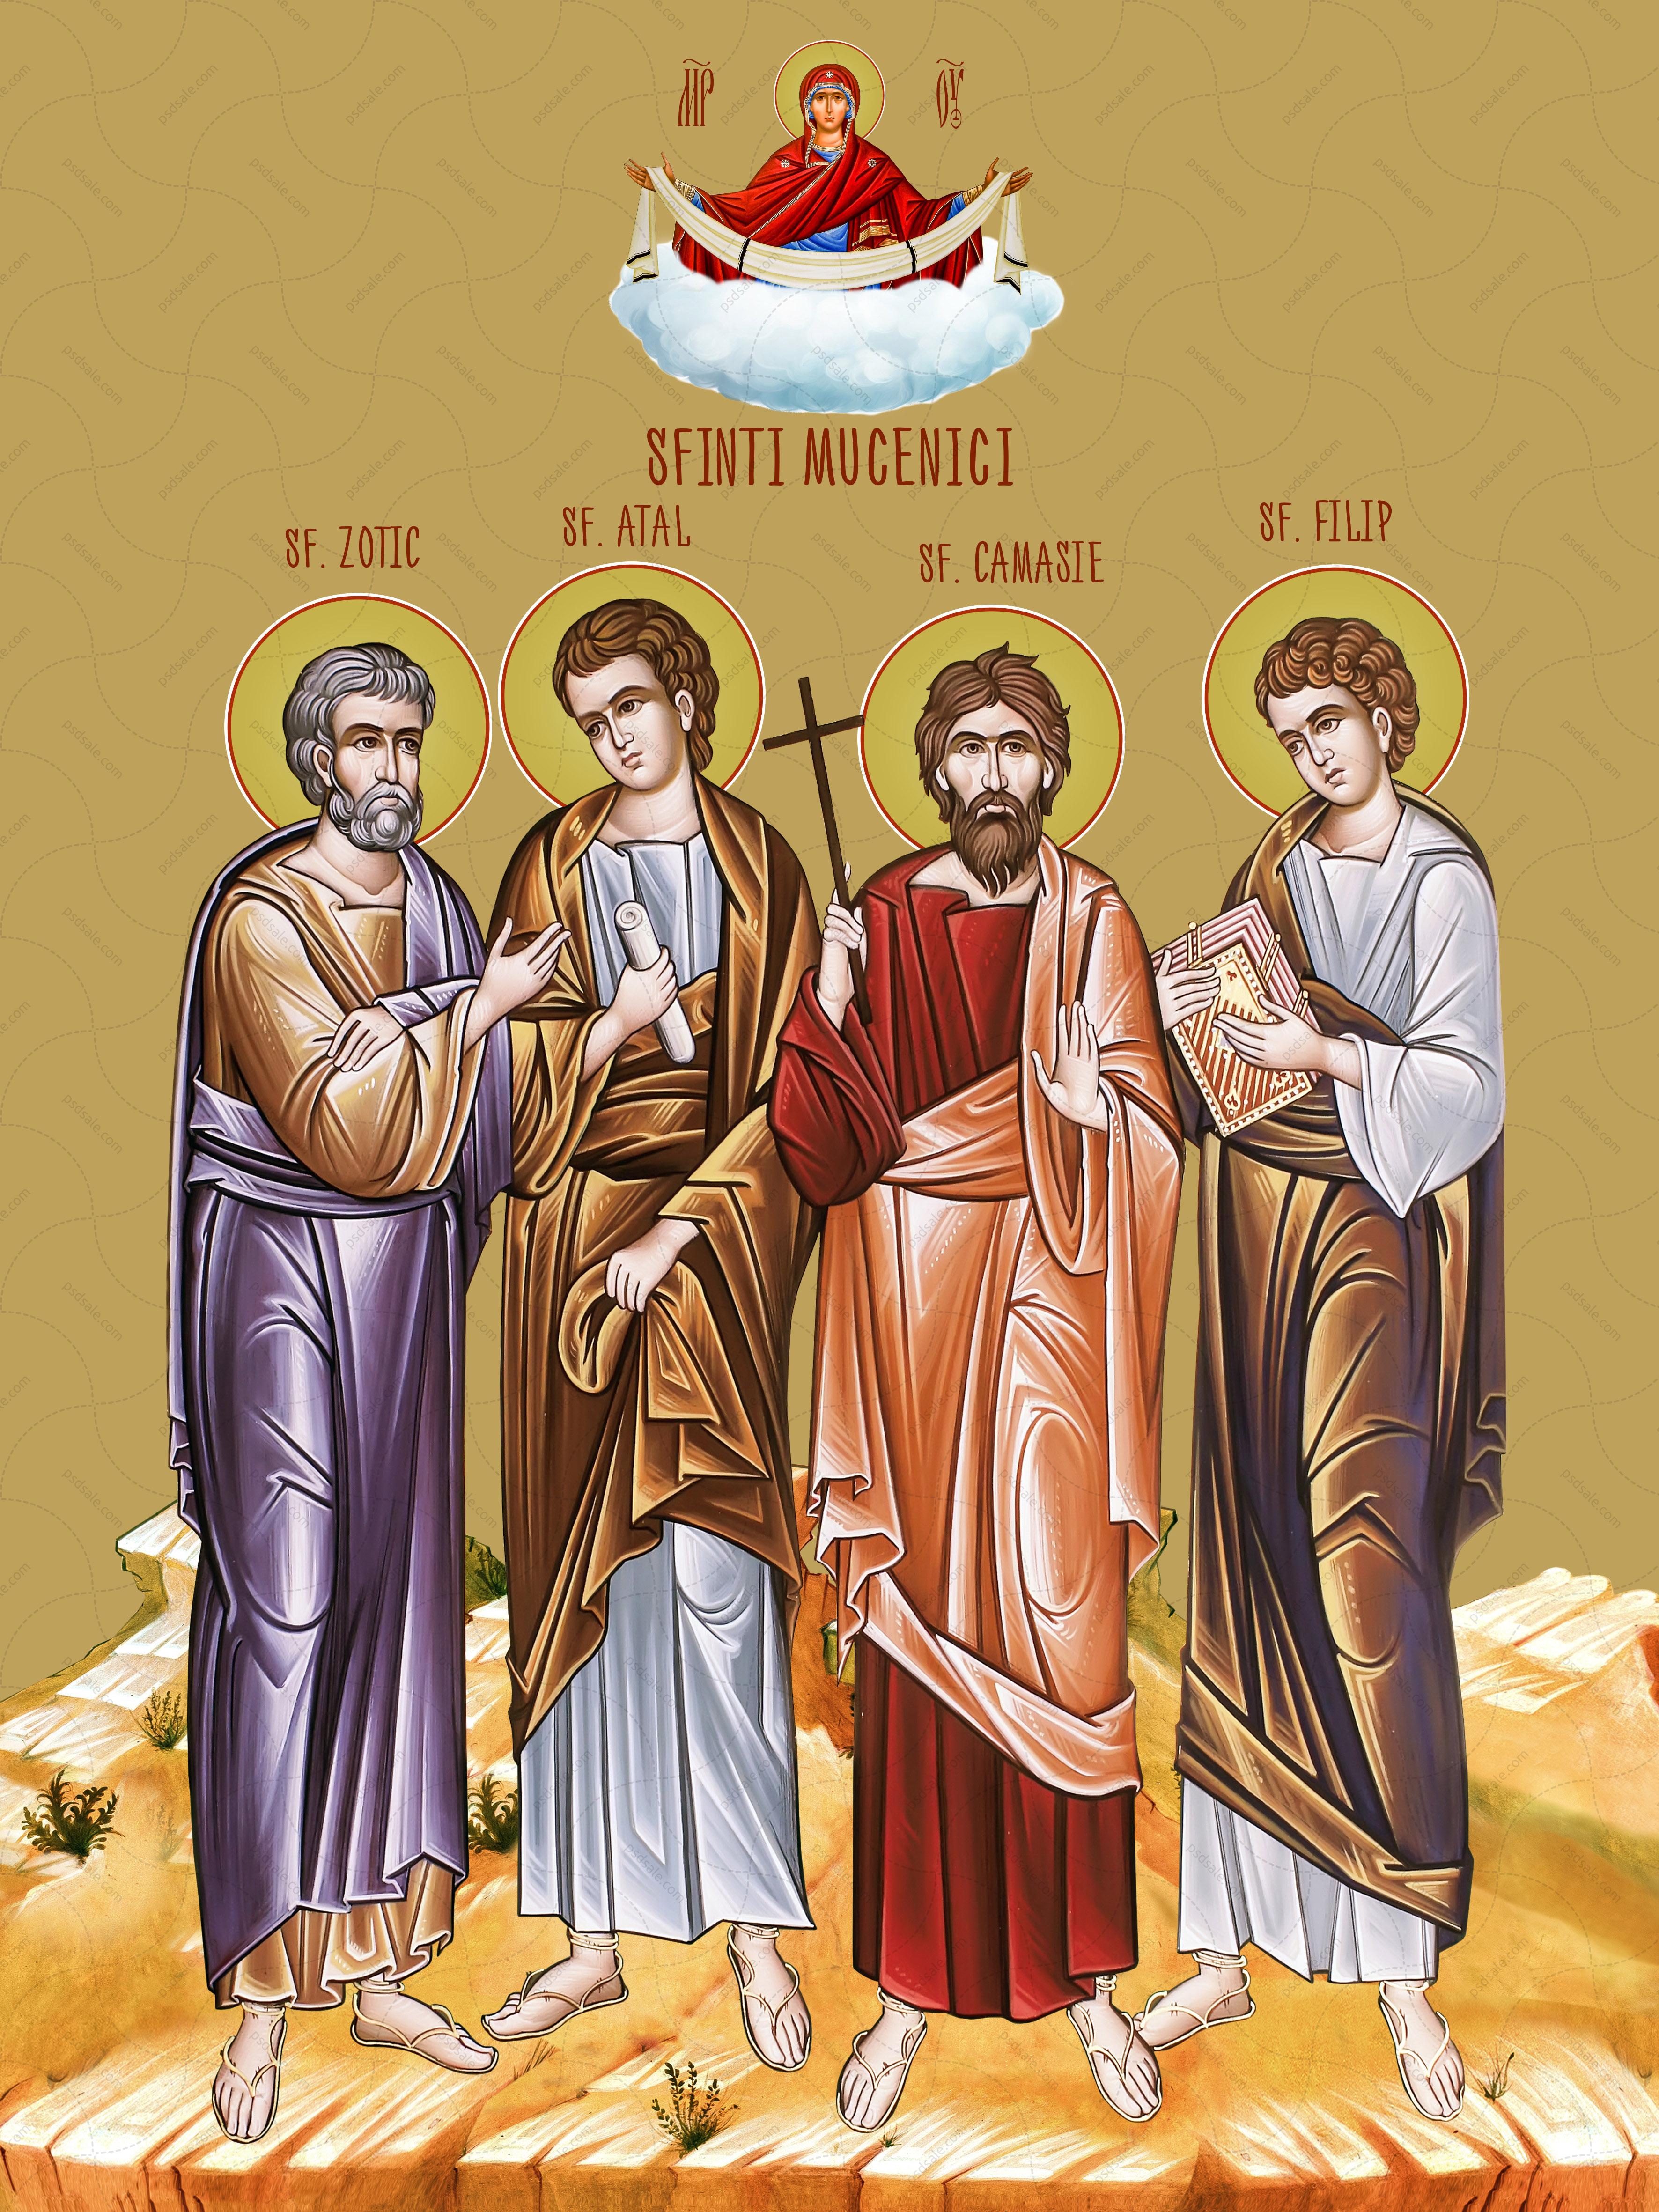 Мученики Зотик, Атал, Камаси, Филипп / Sfinții Mucenici Zotic, Atal, Camasie și Filip